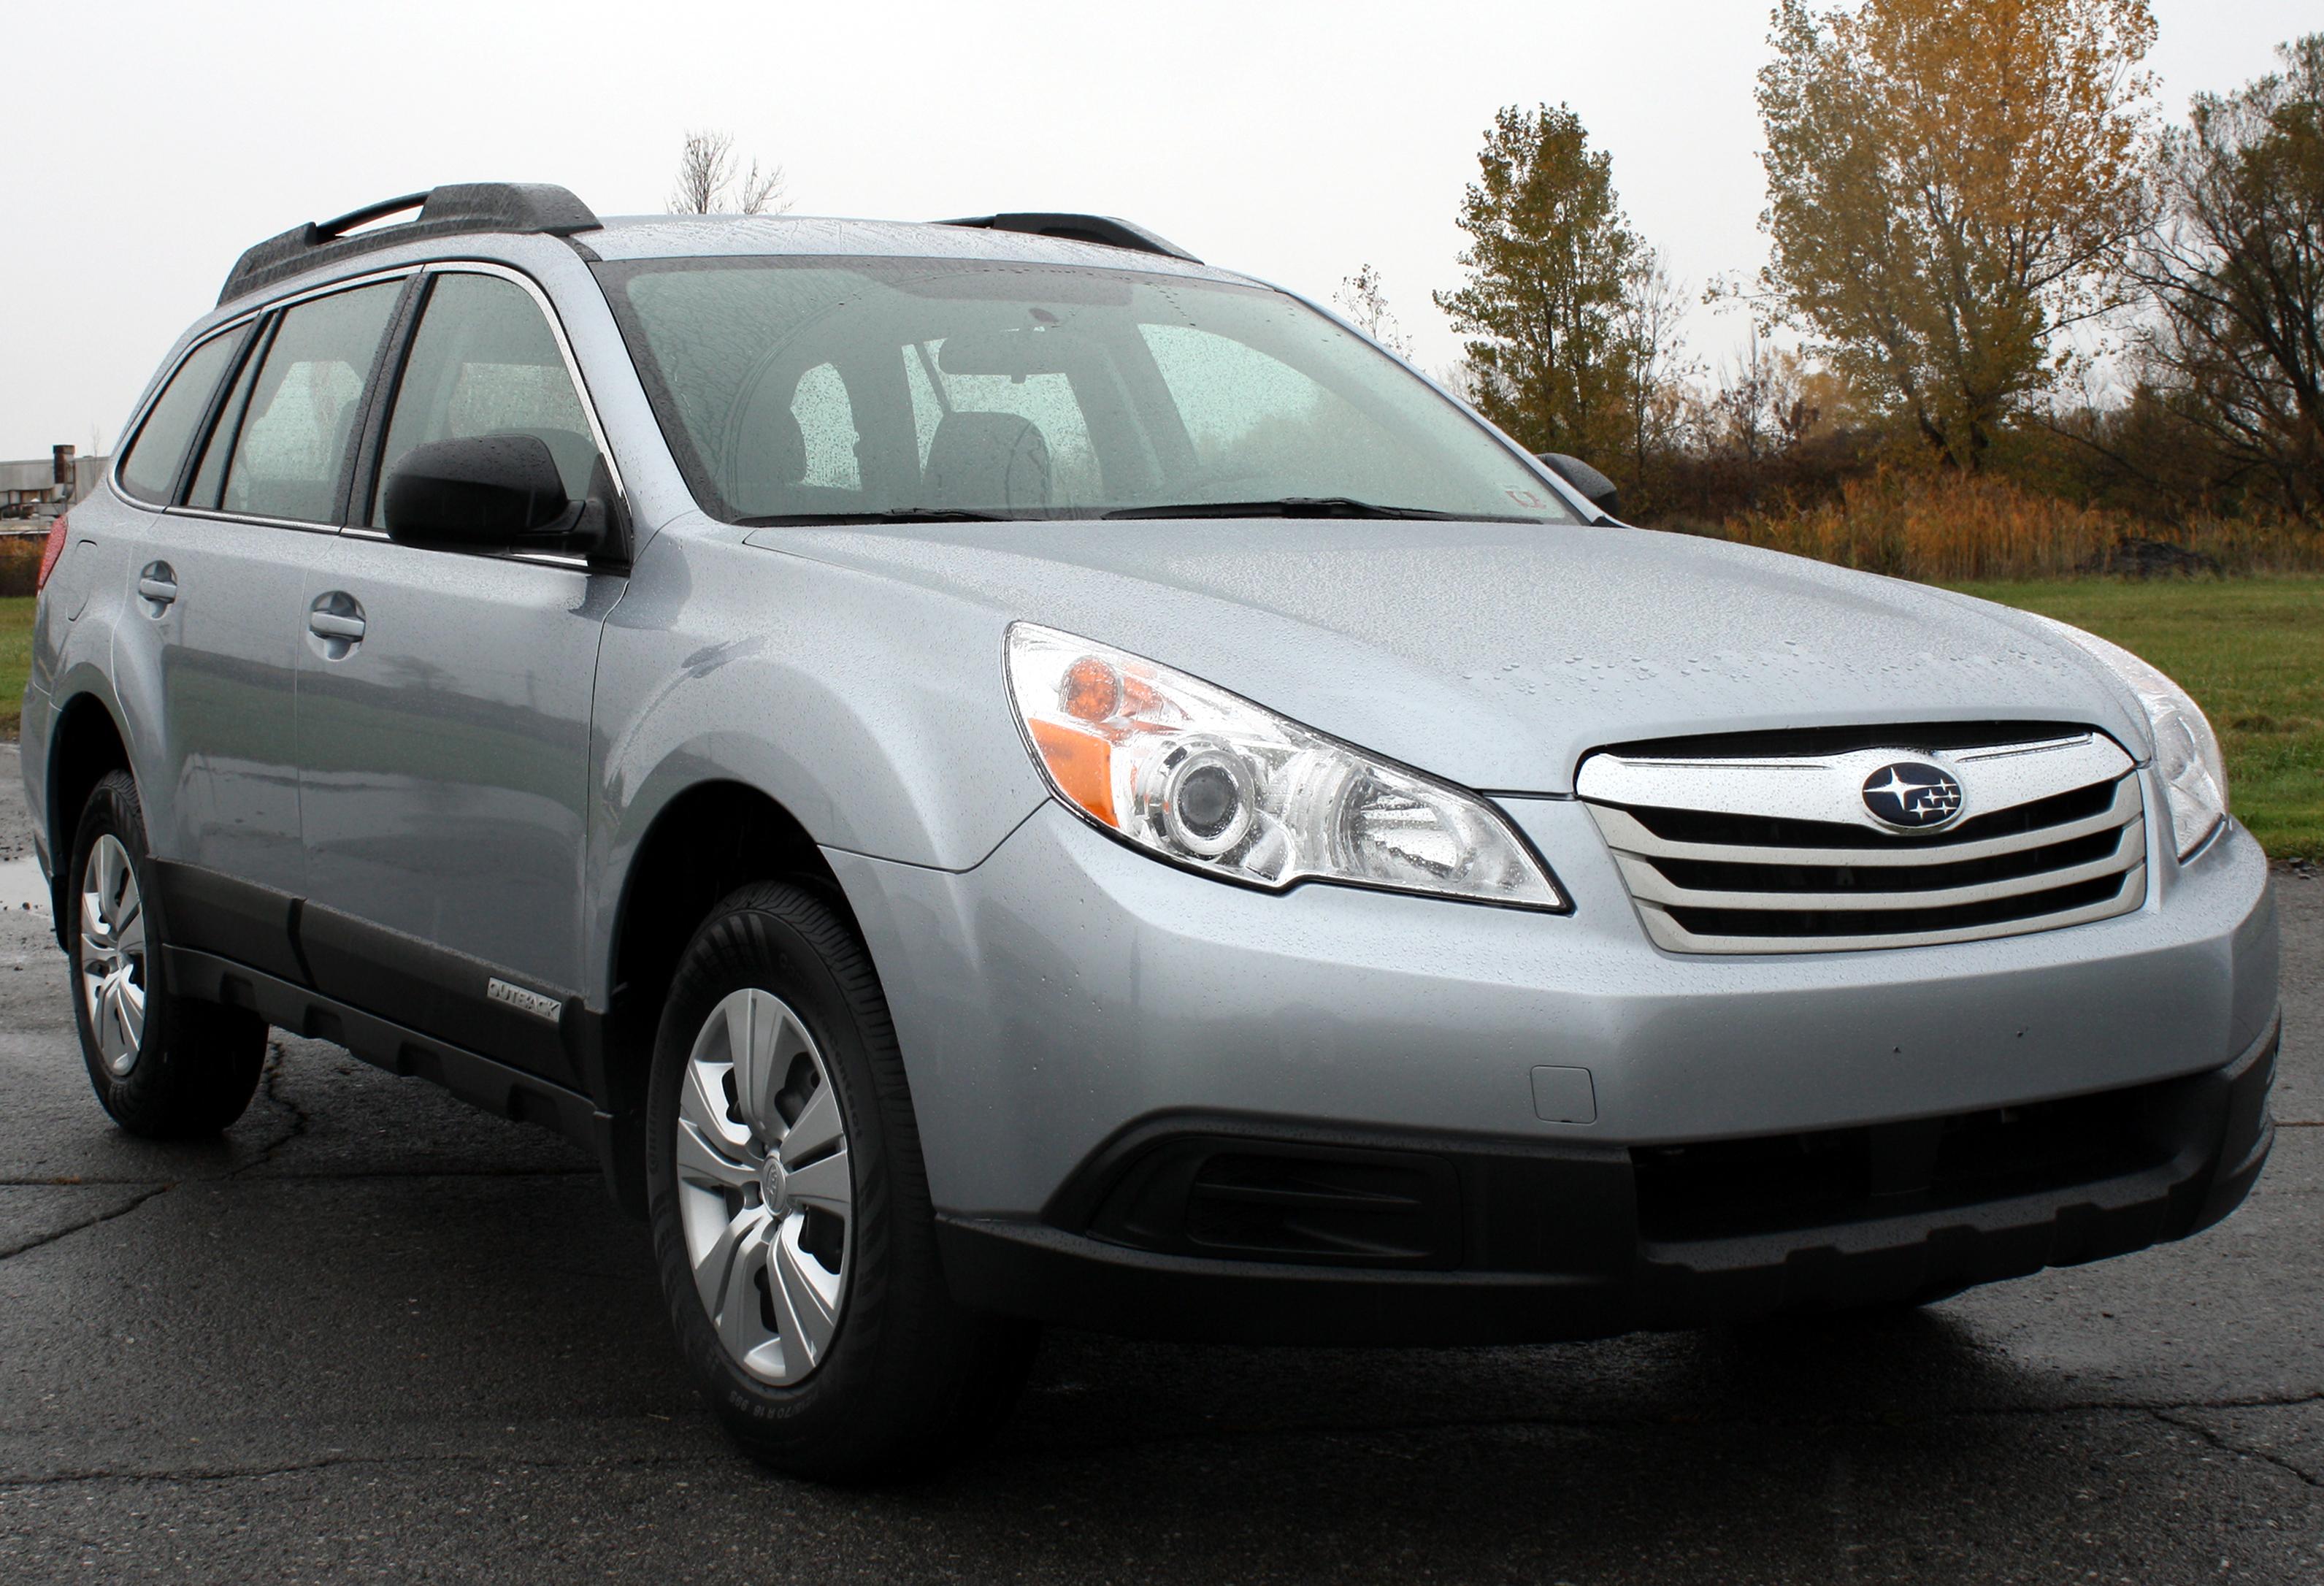 2012 Subaru Outback Image 13